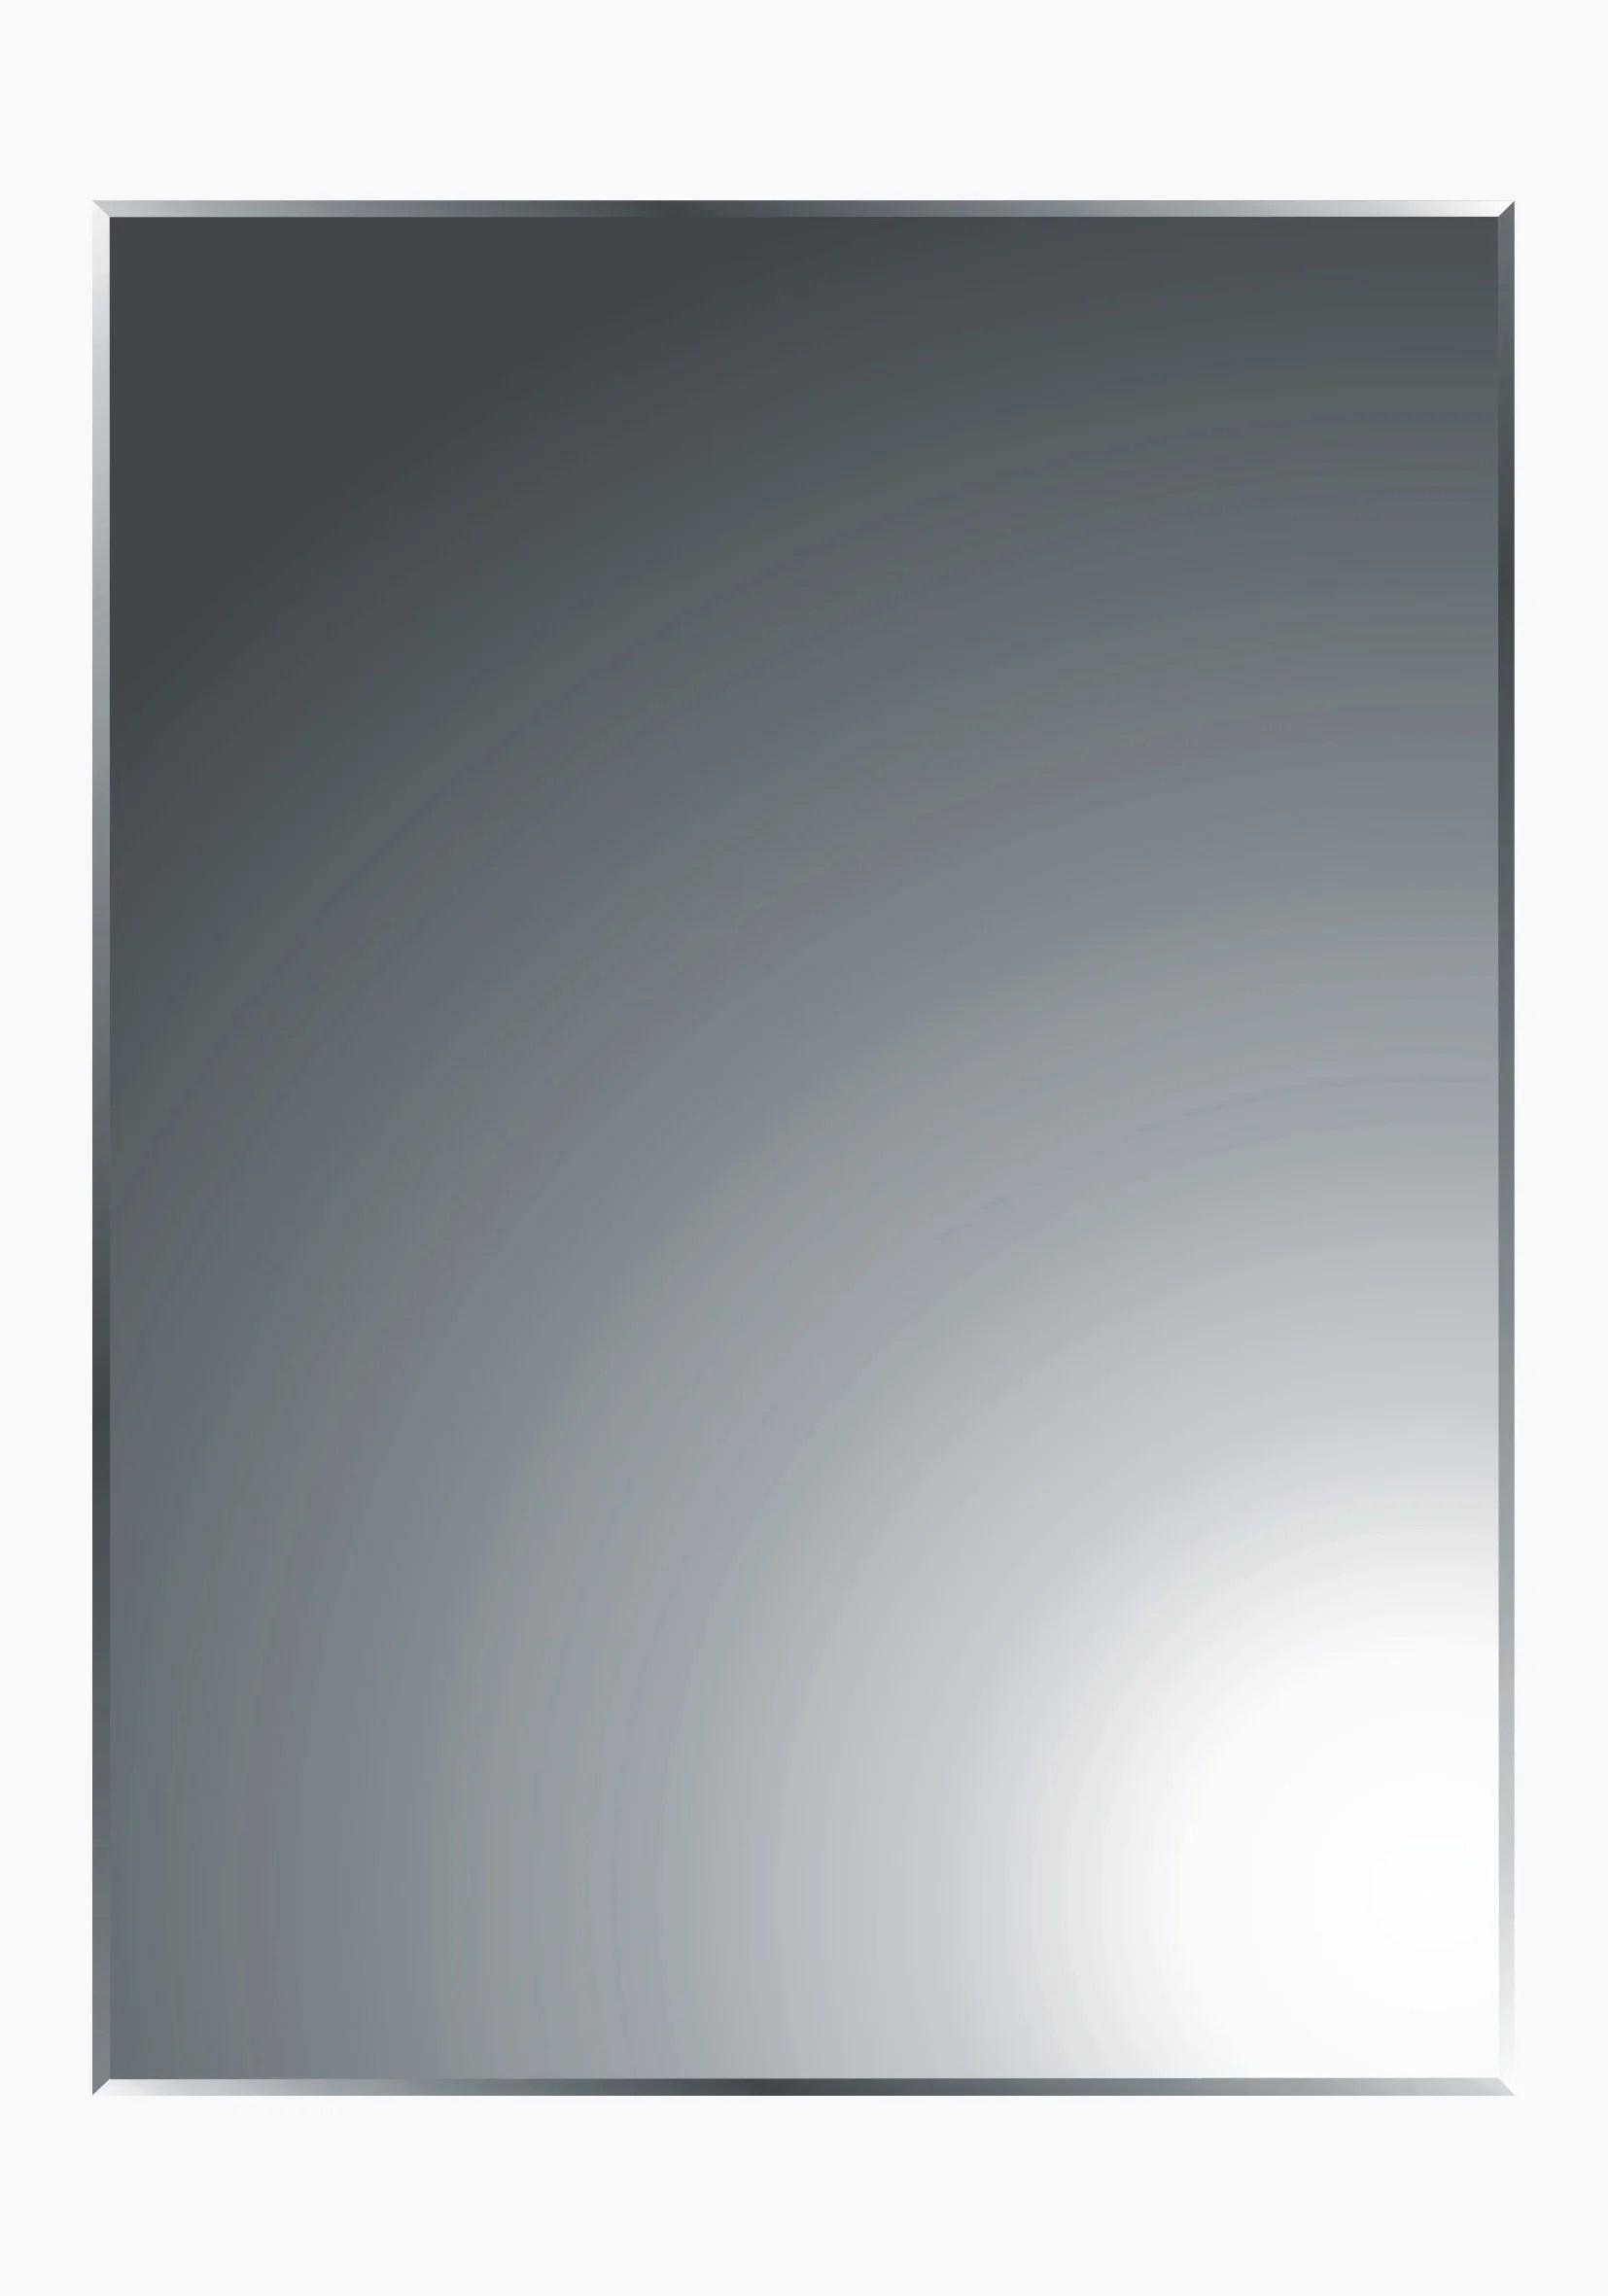 miroir non lumineux decoupe rectangulaire l 45 x l 60 cm biseaute